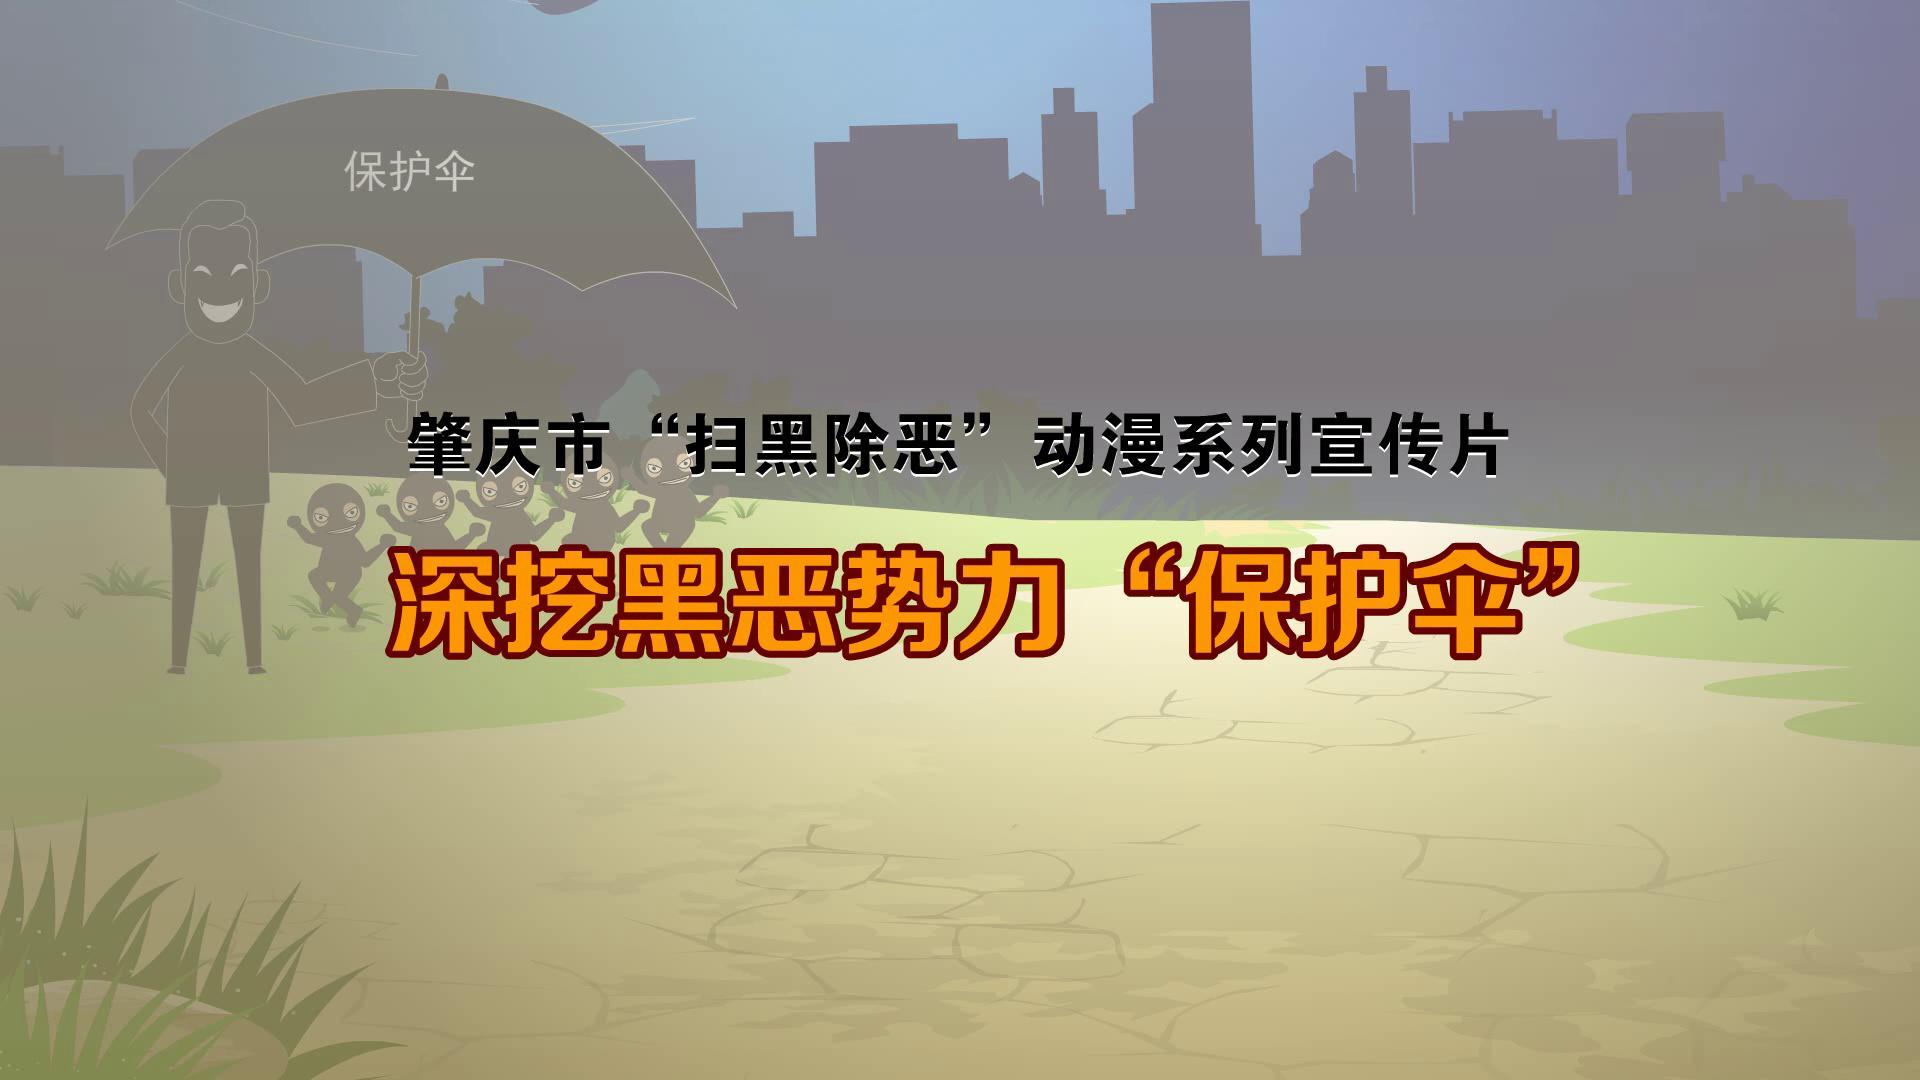 肇庆市扫黑除恶动漫系列宣传片——3.深挖黑恶势力 保护伞